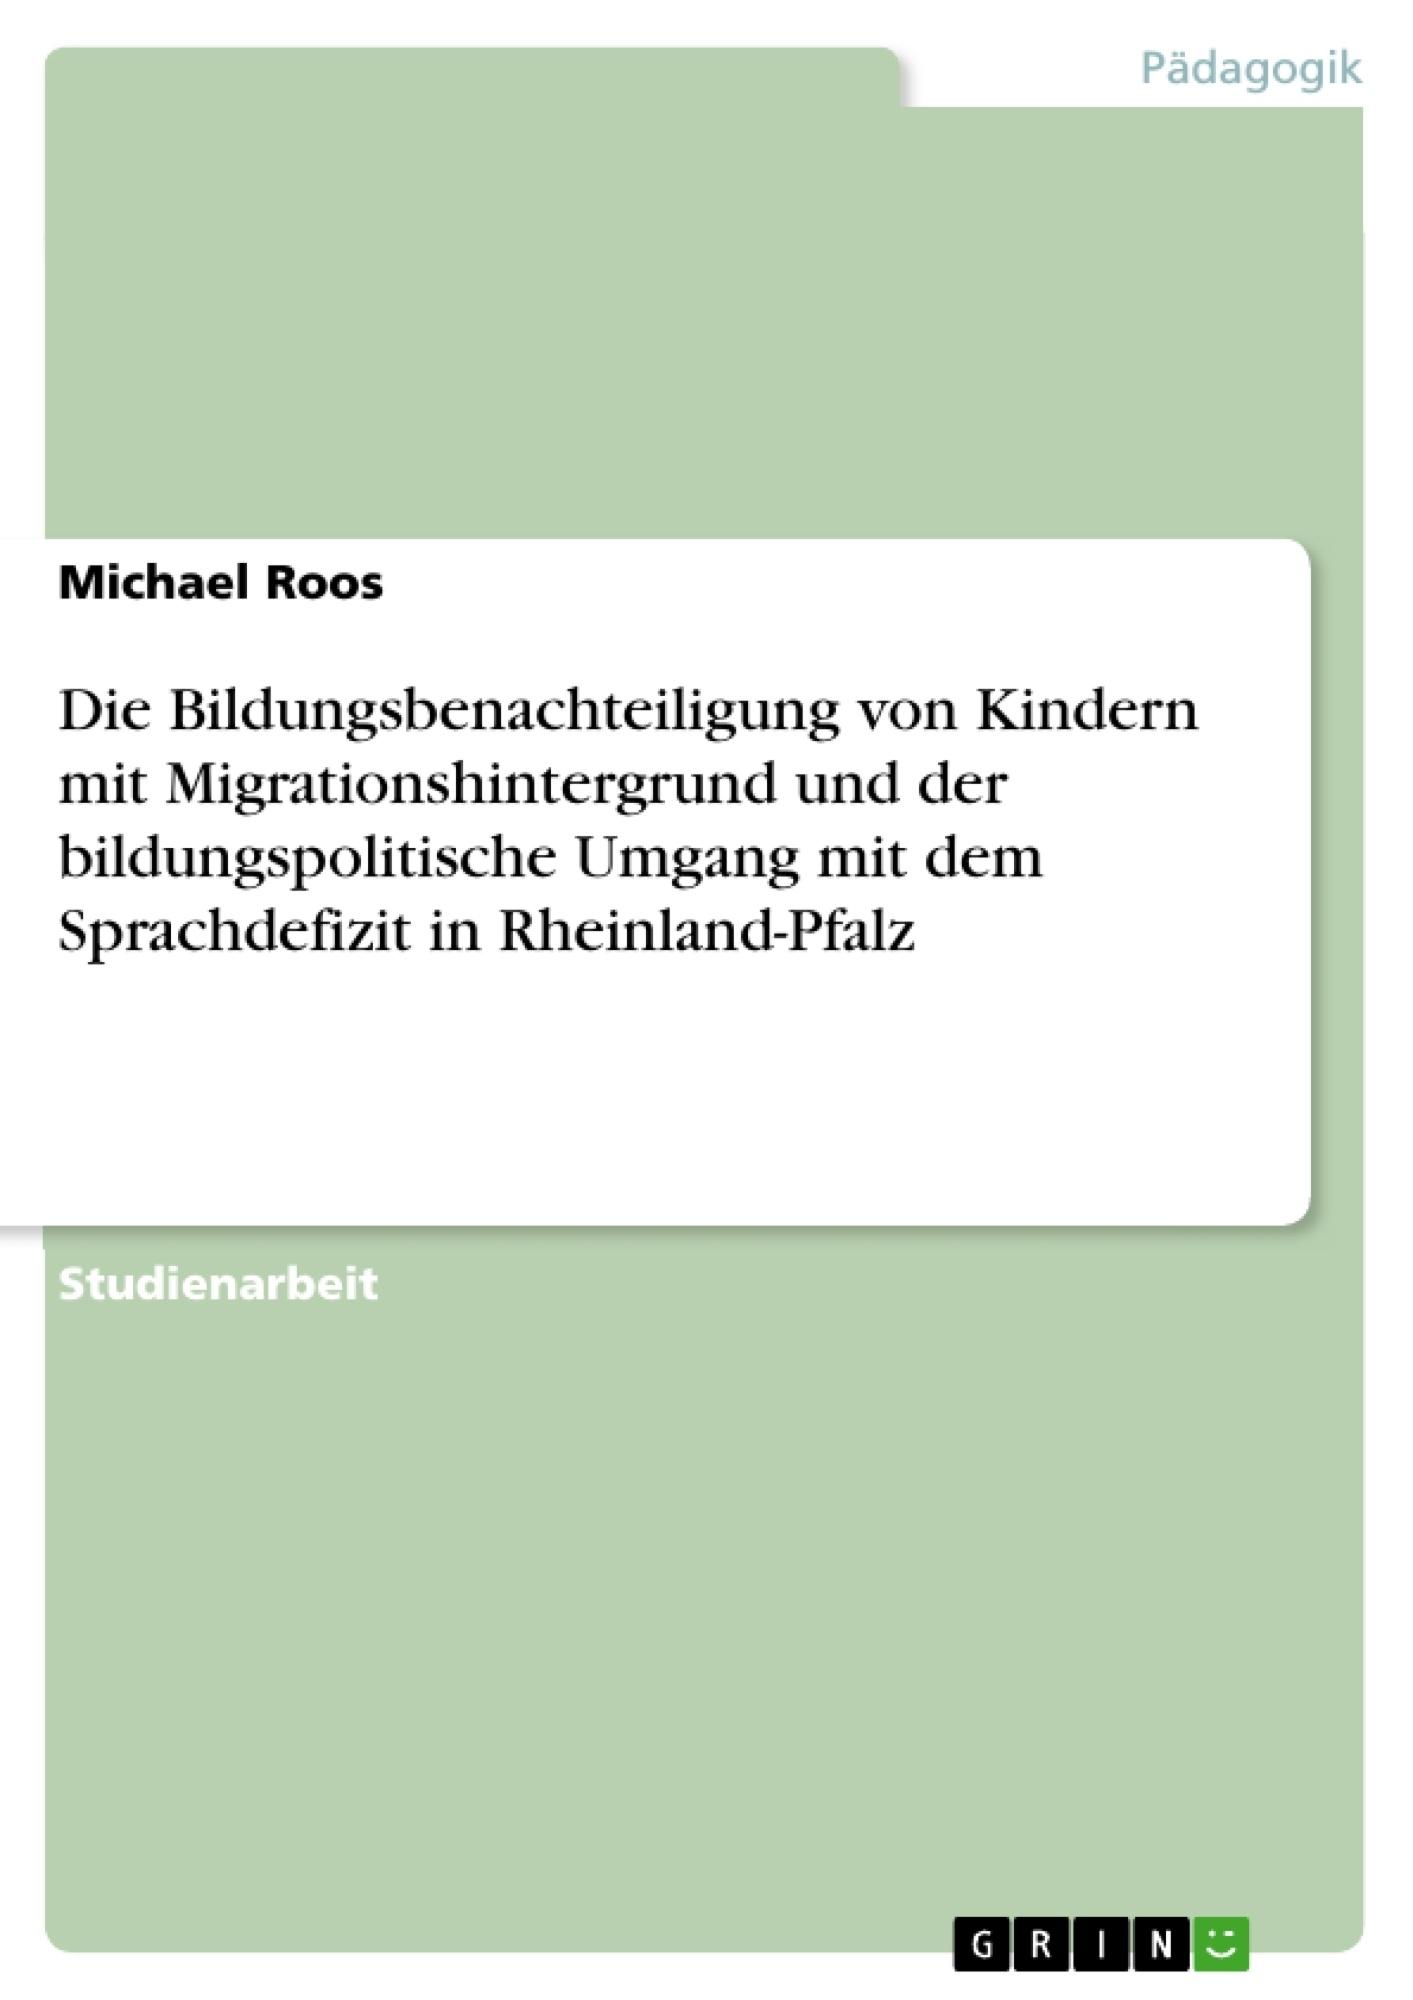 Titel: Die Bildungsbenachteiligung von Kindern mit Migrationshintergrund und der bildungspolitische Umgang mit dem Sprachdefizit in Rheinland-Pfalz